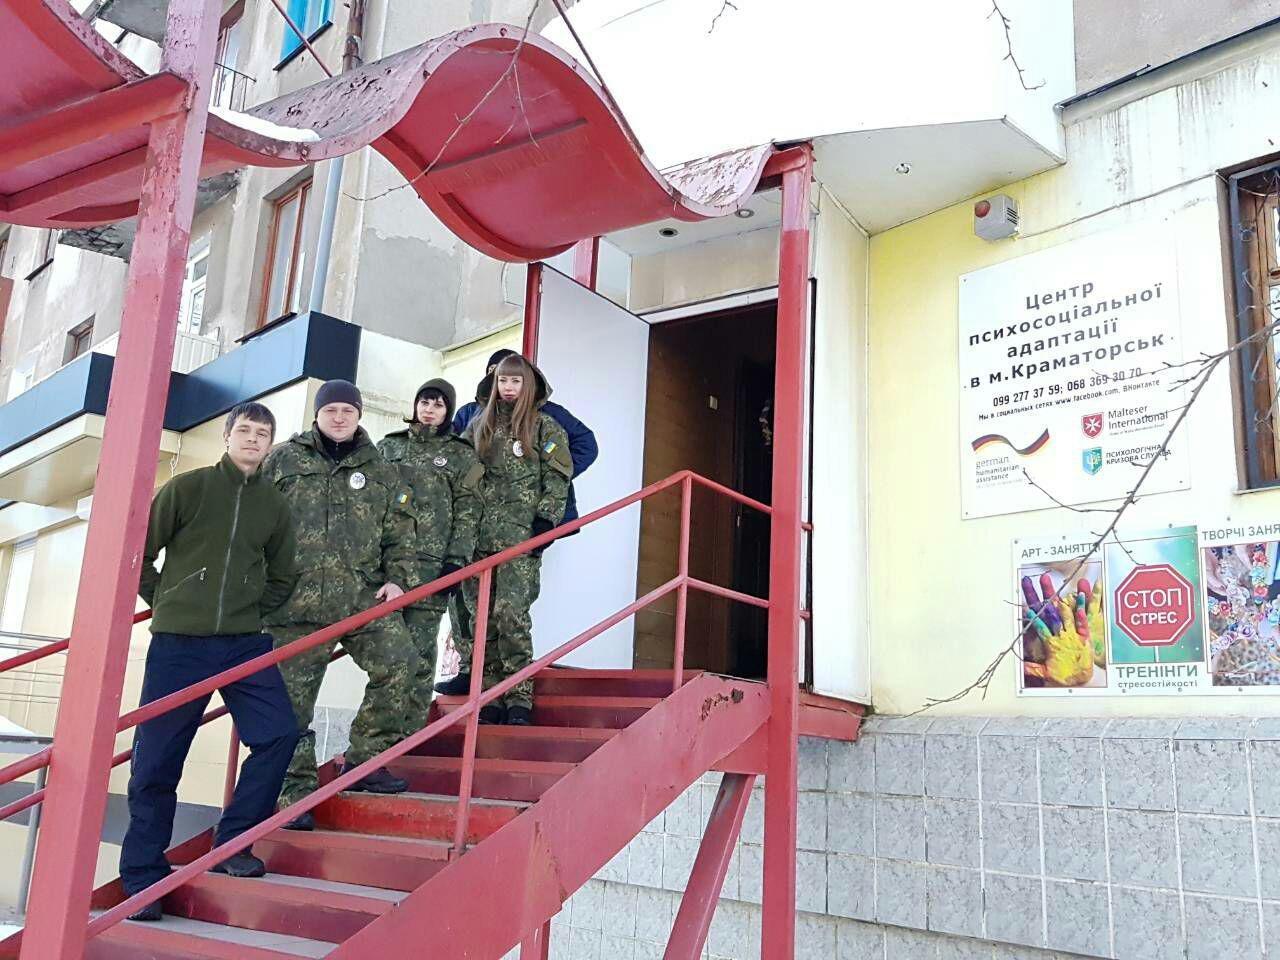 Правоохранители Краматорска проходят курс оказания домедицинской помощи от германской гуманитарной ассоциации, фото-2